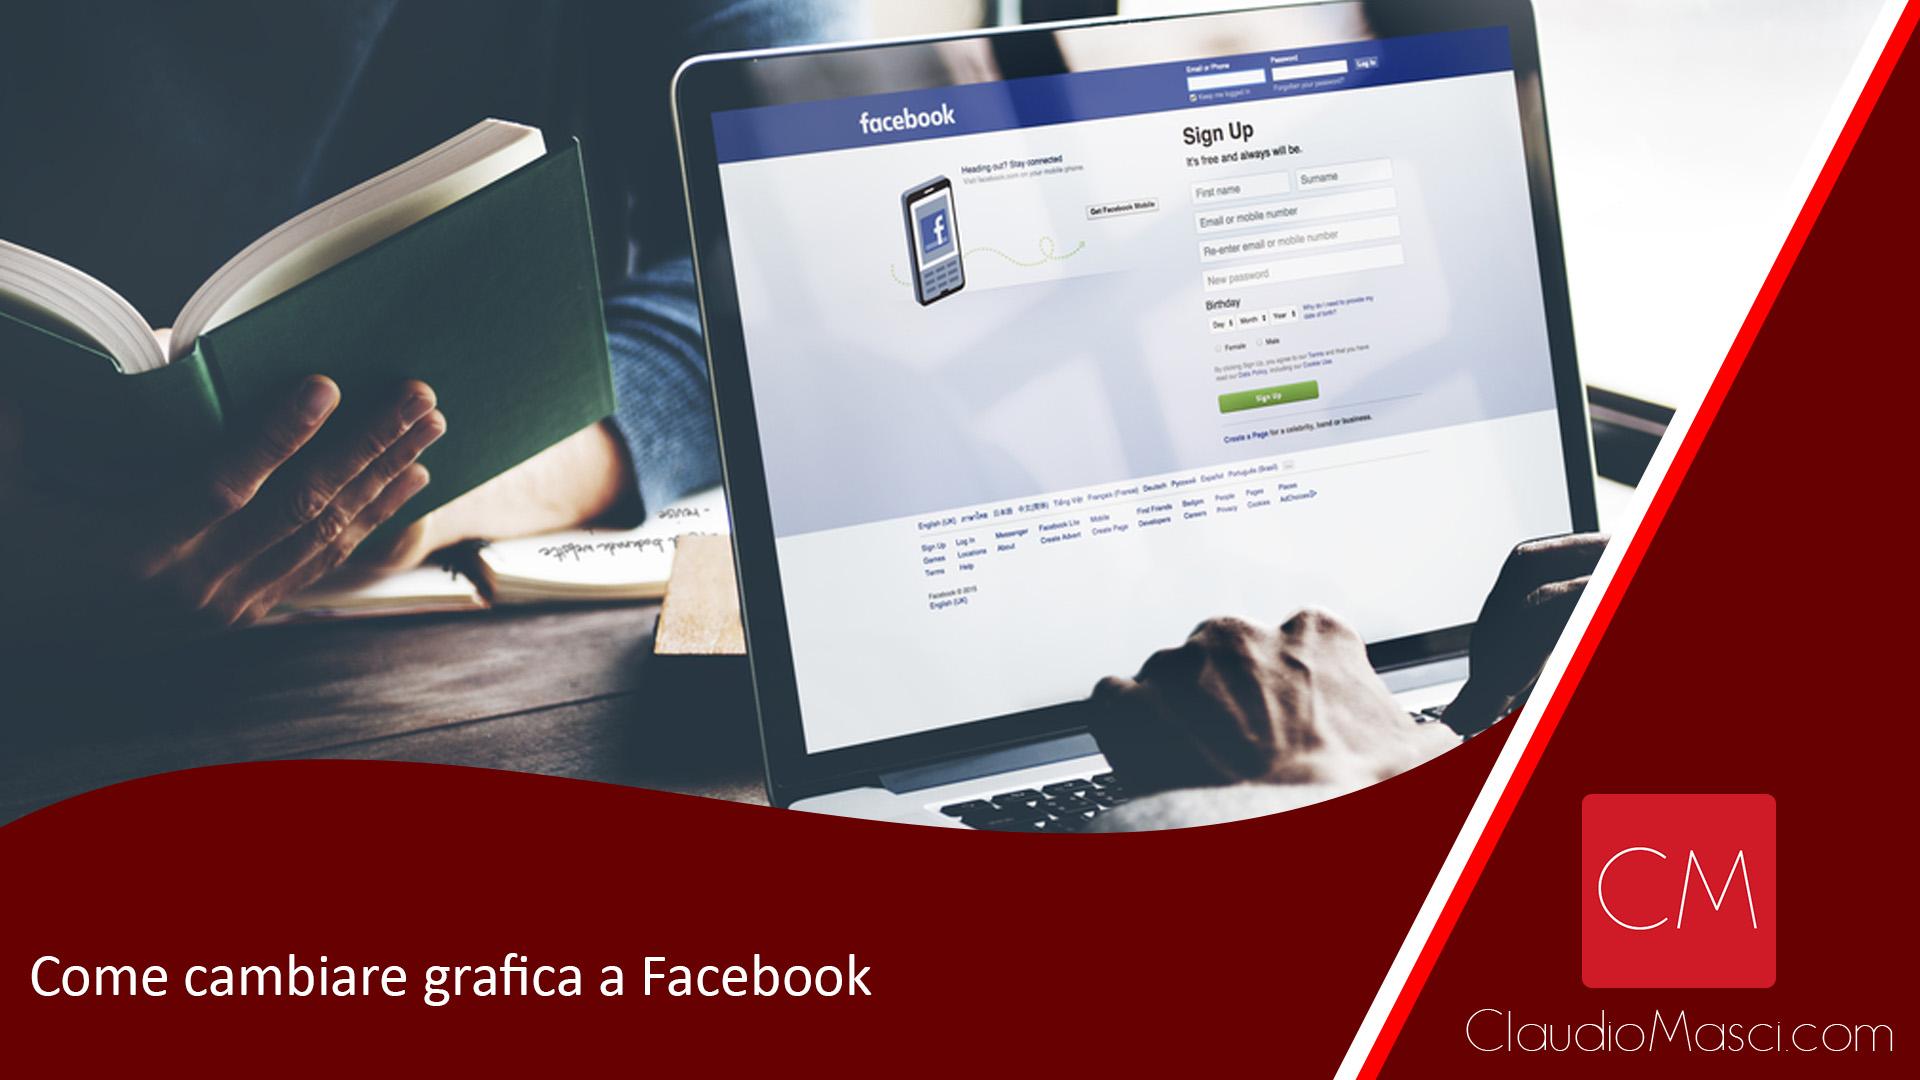 Come cambiare grafica a Facebook